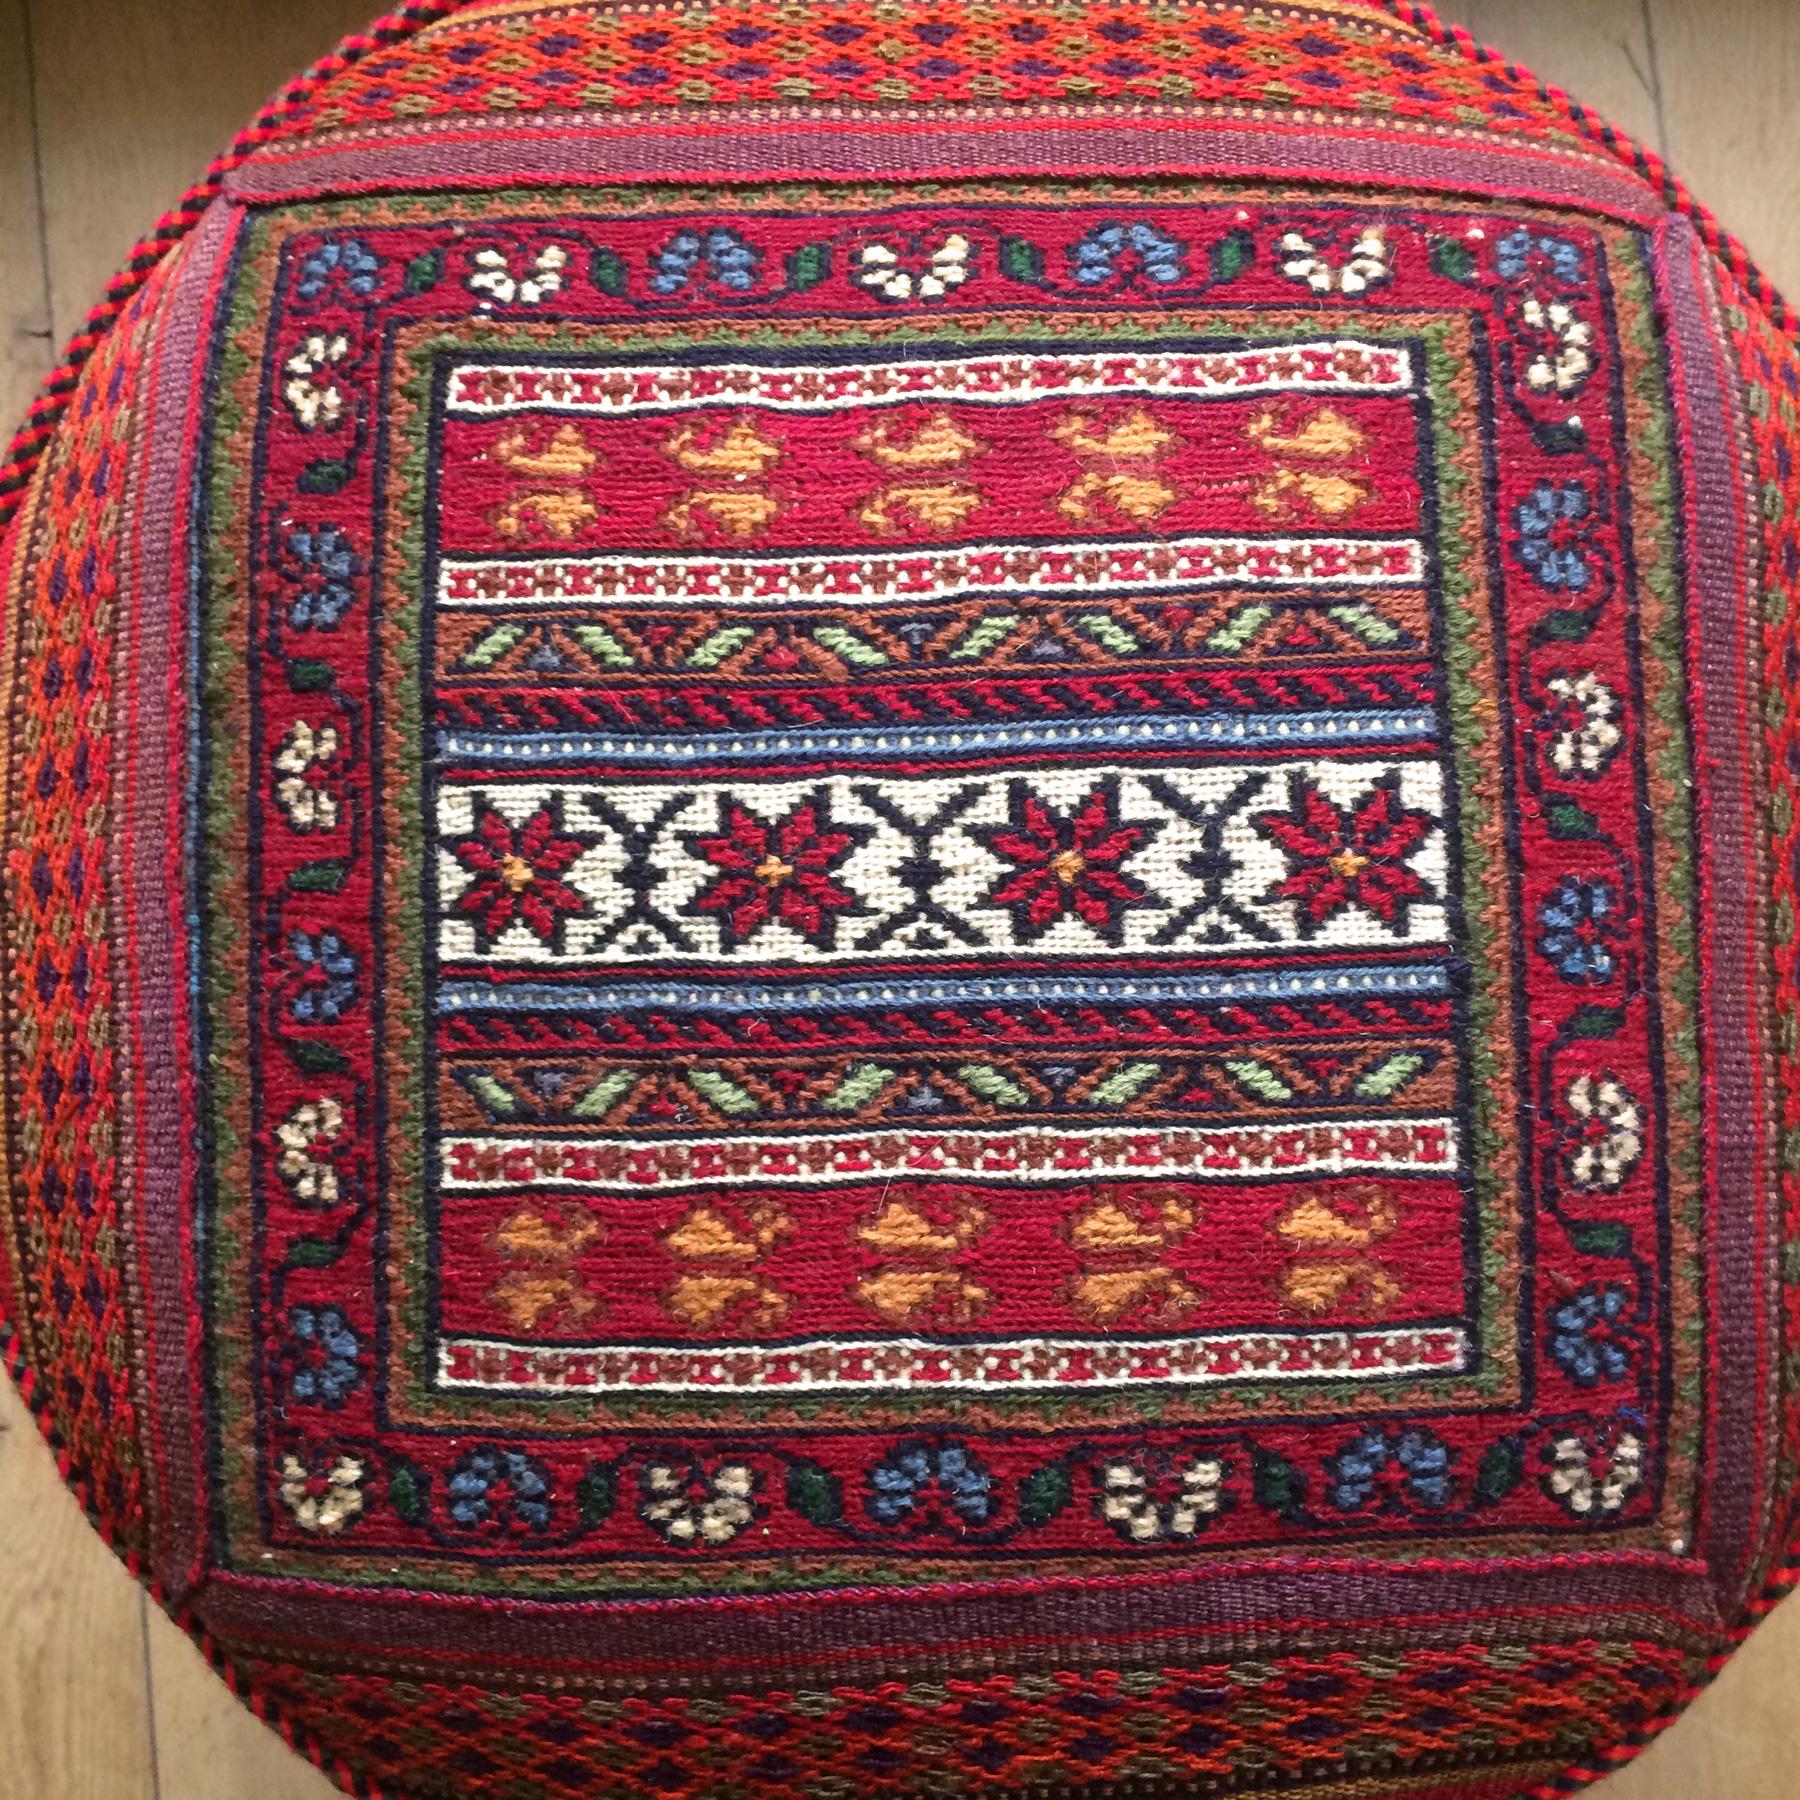 handgeweven poef van patchwork kelim tapijt - handgemaakt uit Iran - boho en Ibiza stijl met een klassieke woontwist